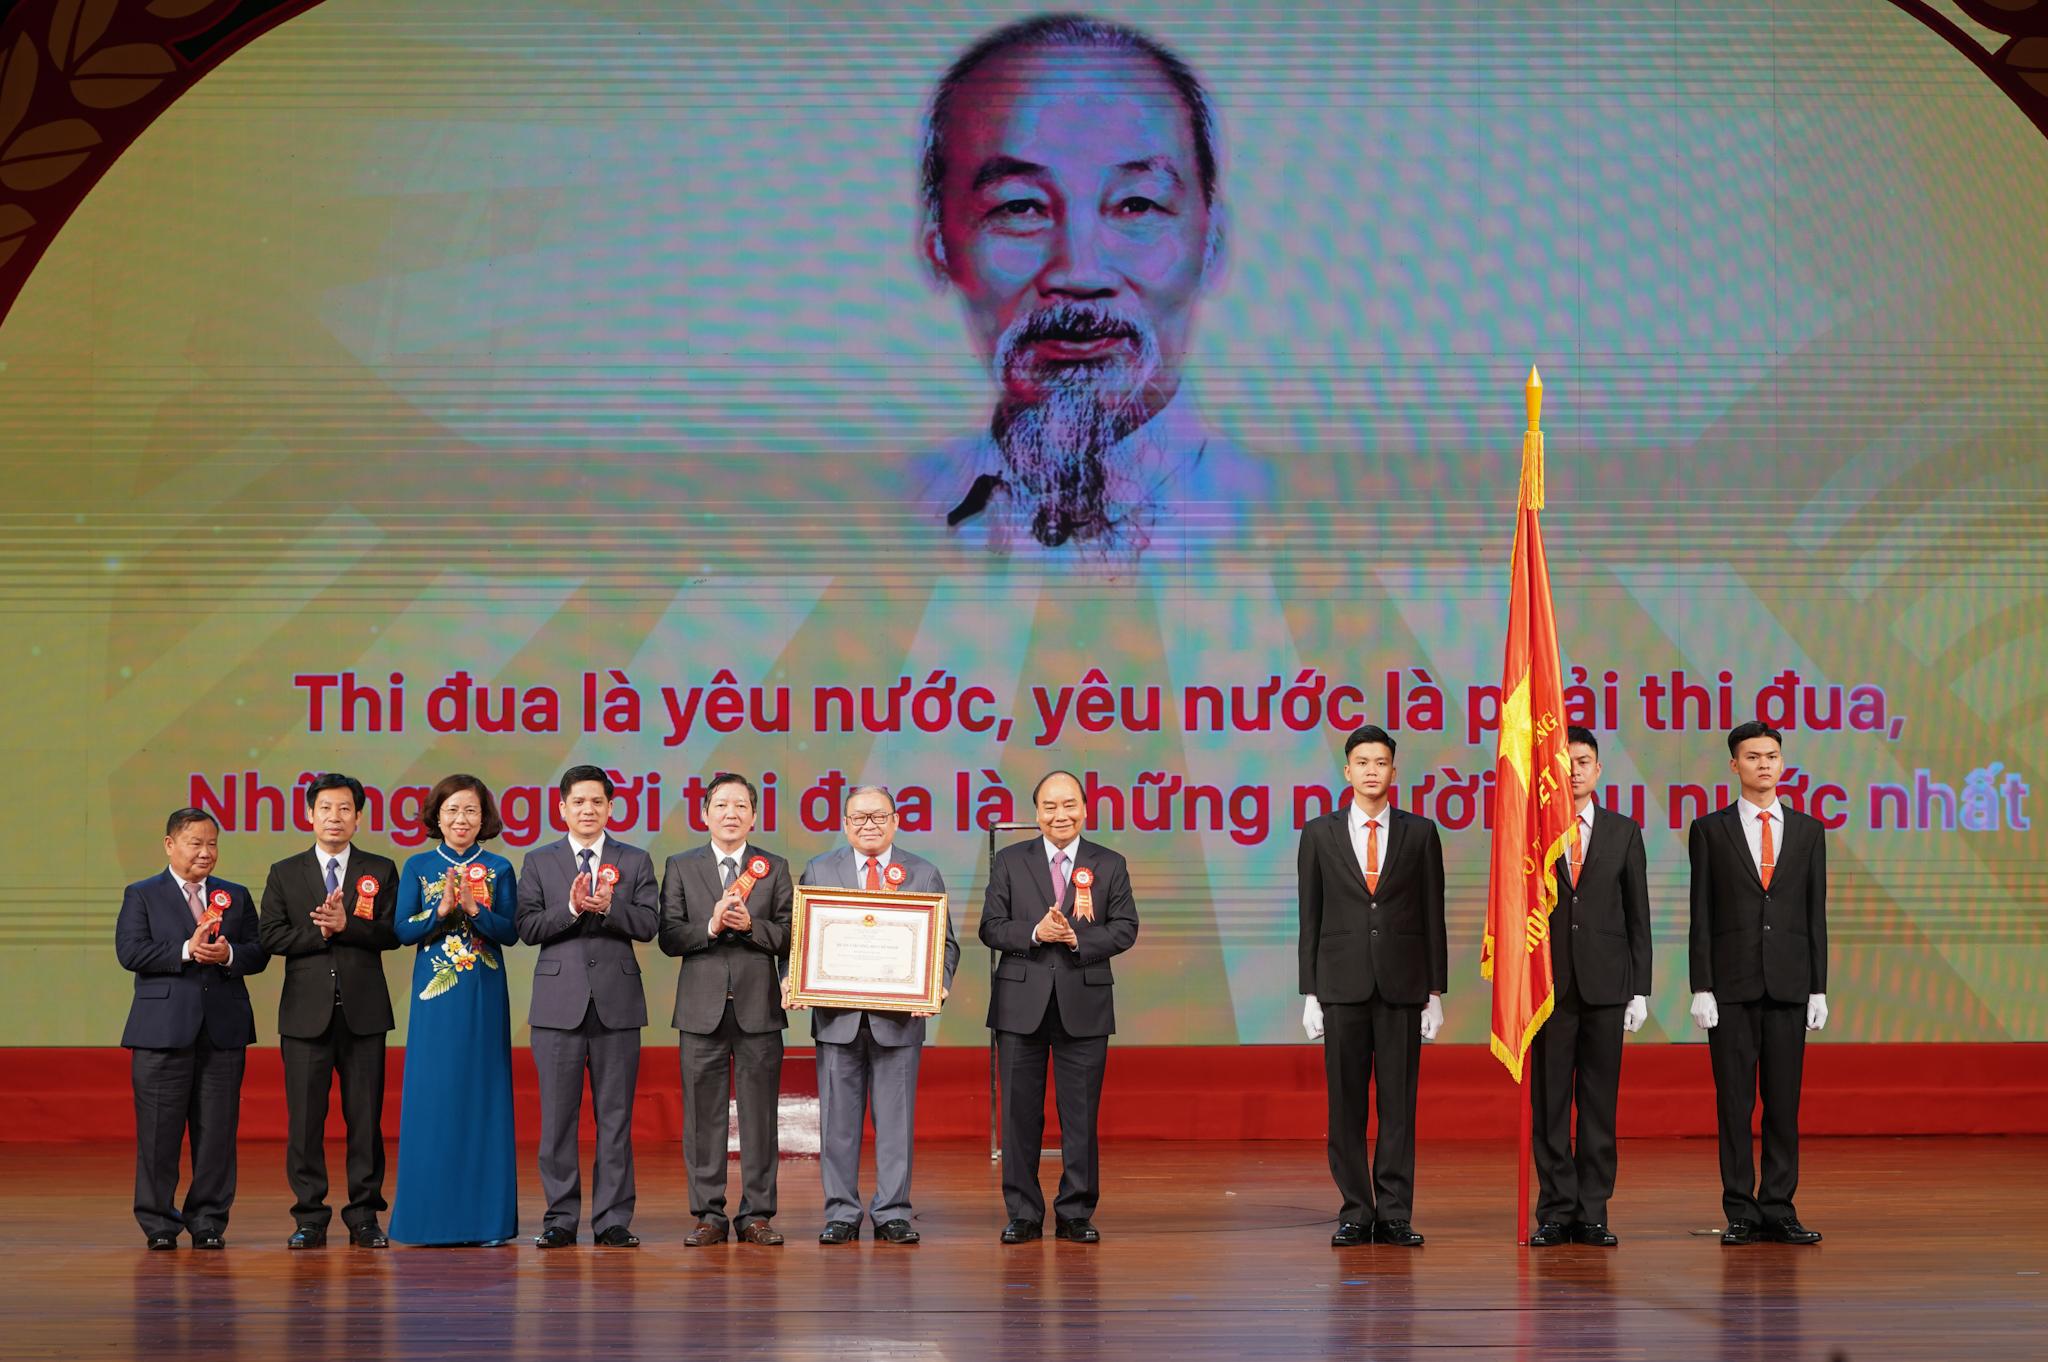 Thủ tướng trao Huân chương Hồ Chí Minh cho Hội Nông dân Việt Nam. Ảnh: VGP/Quang Hiếu